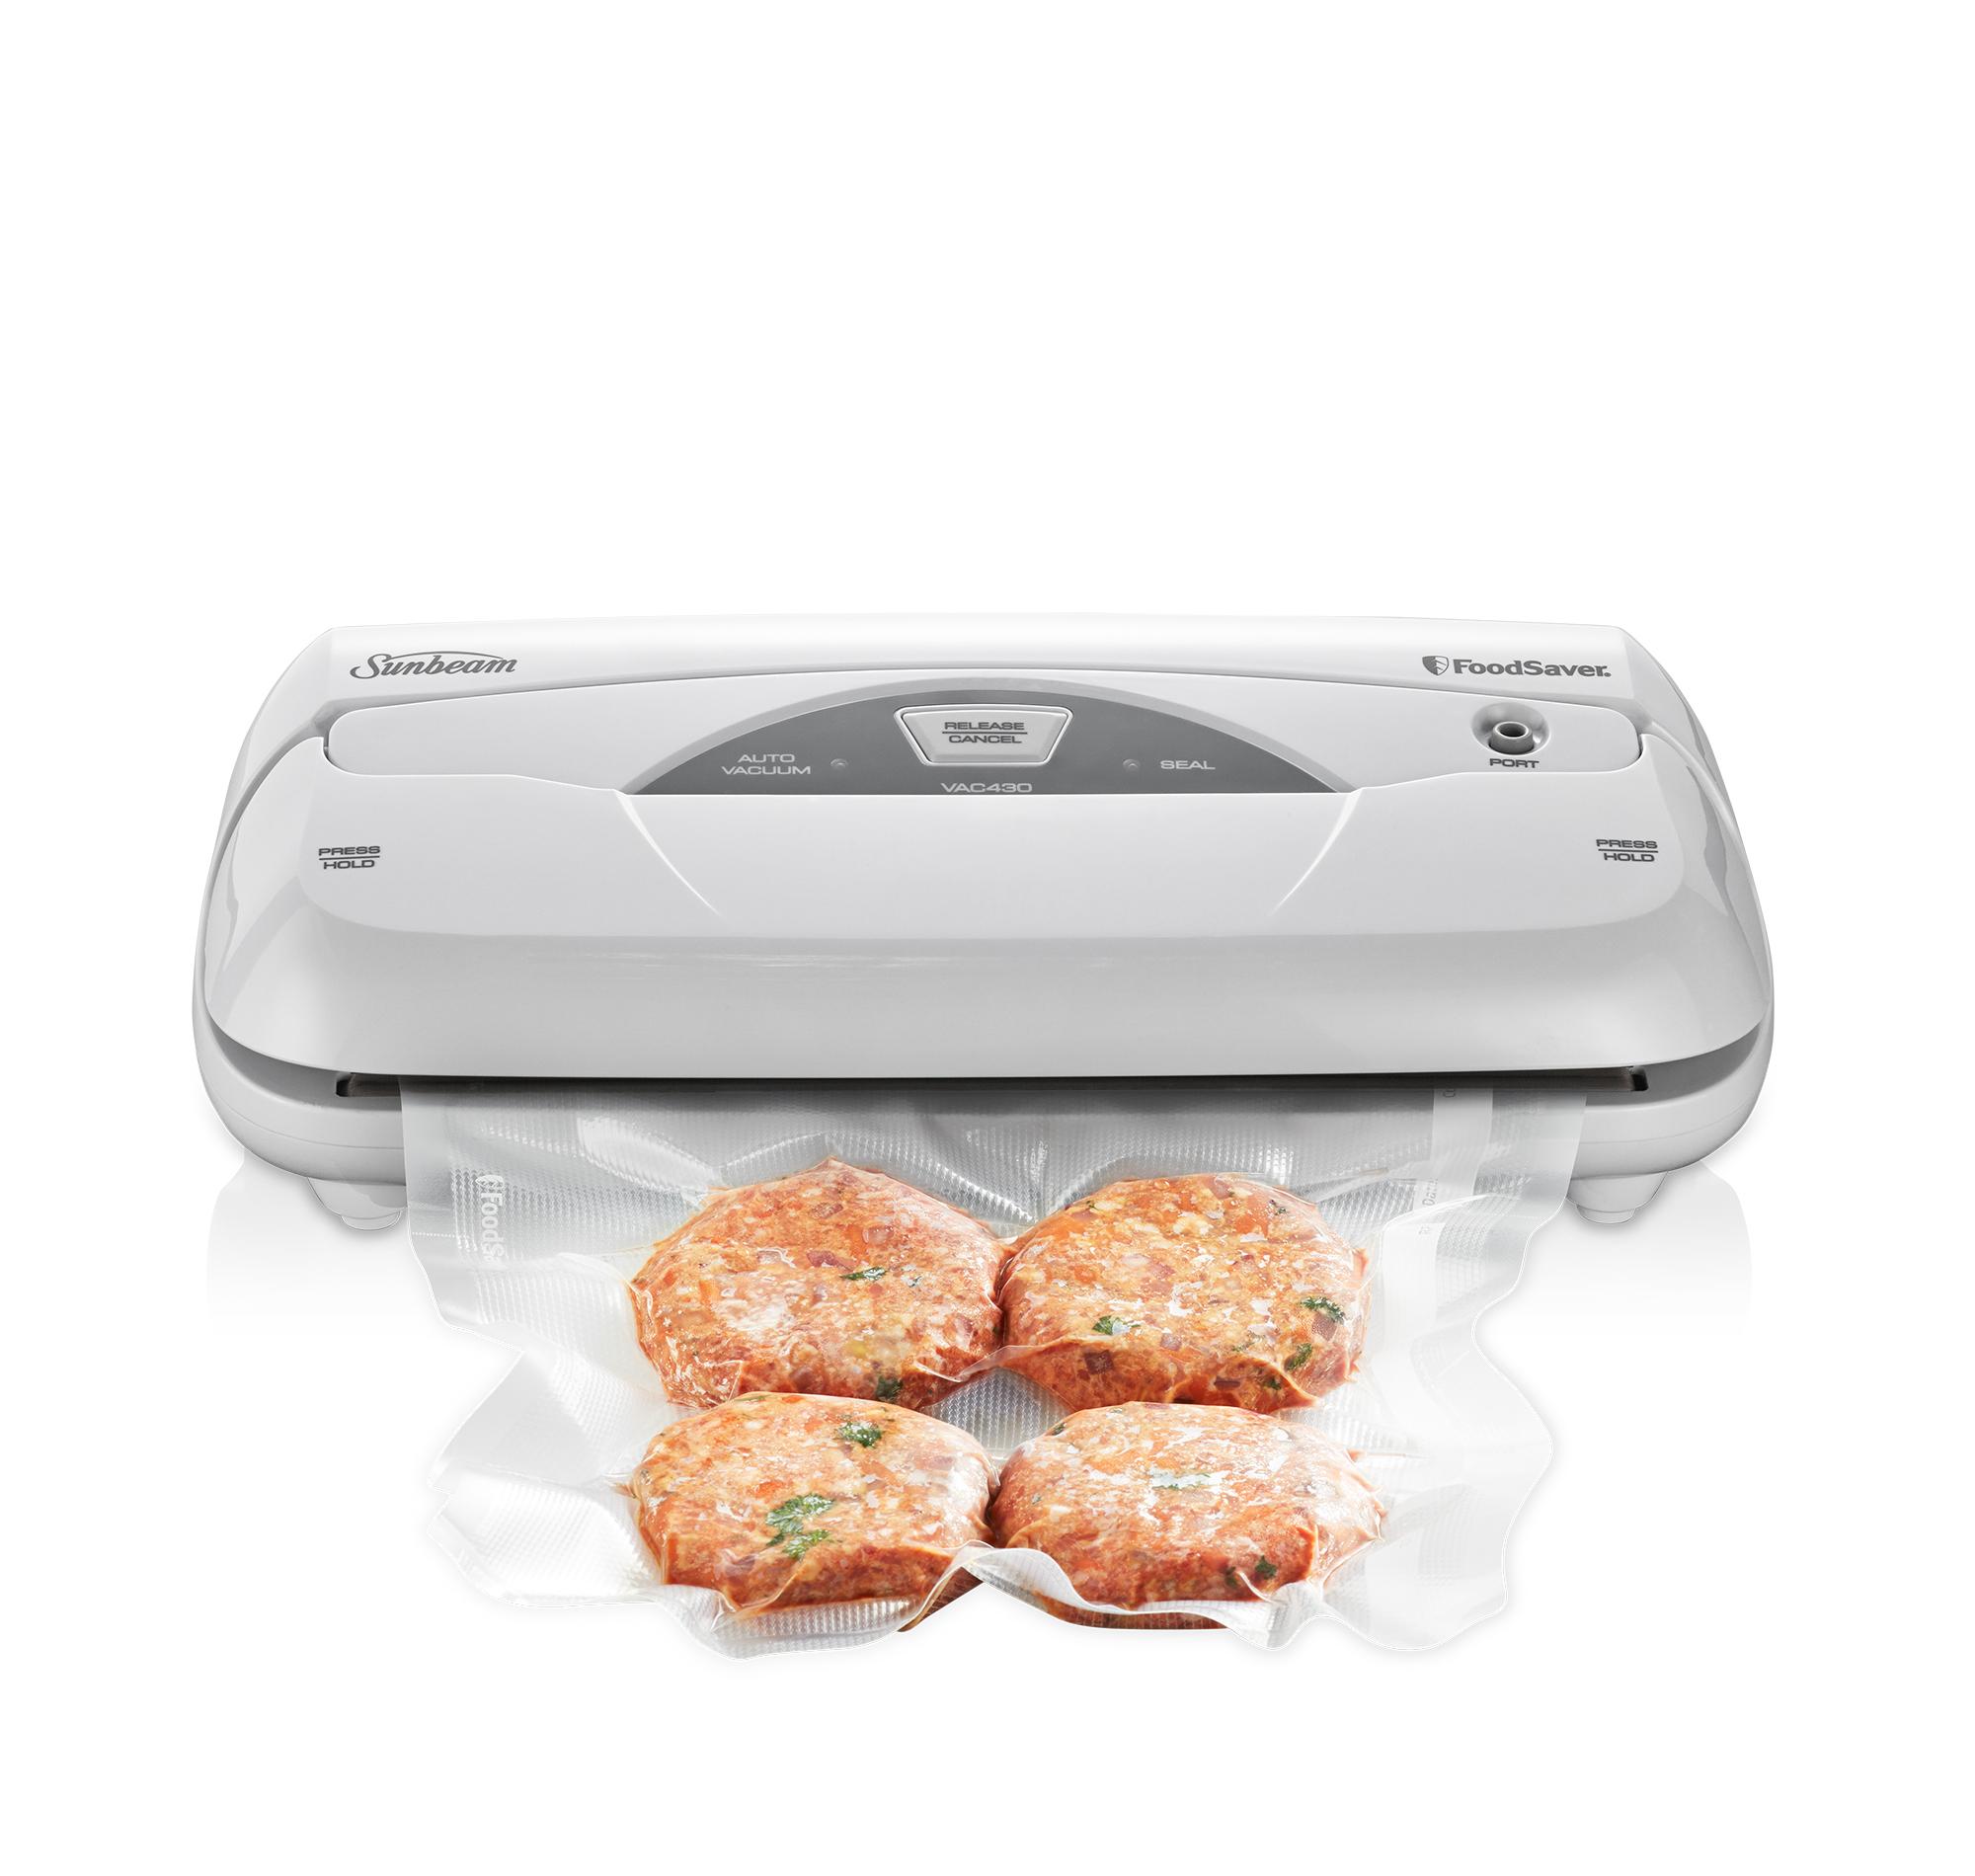 Sunbeam FoodSaver VS4300 Reviews - ProductReview.com.au